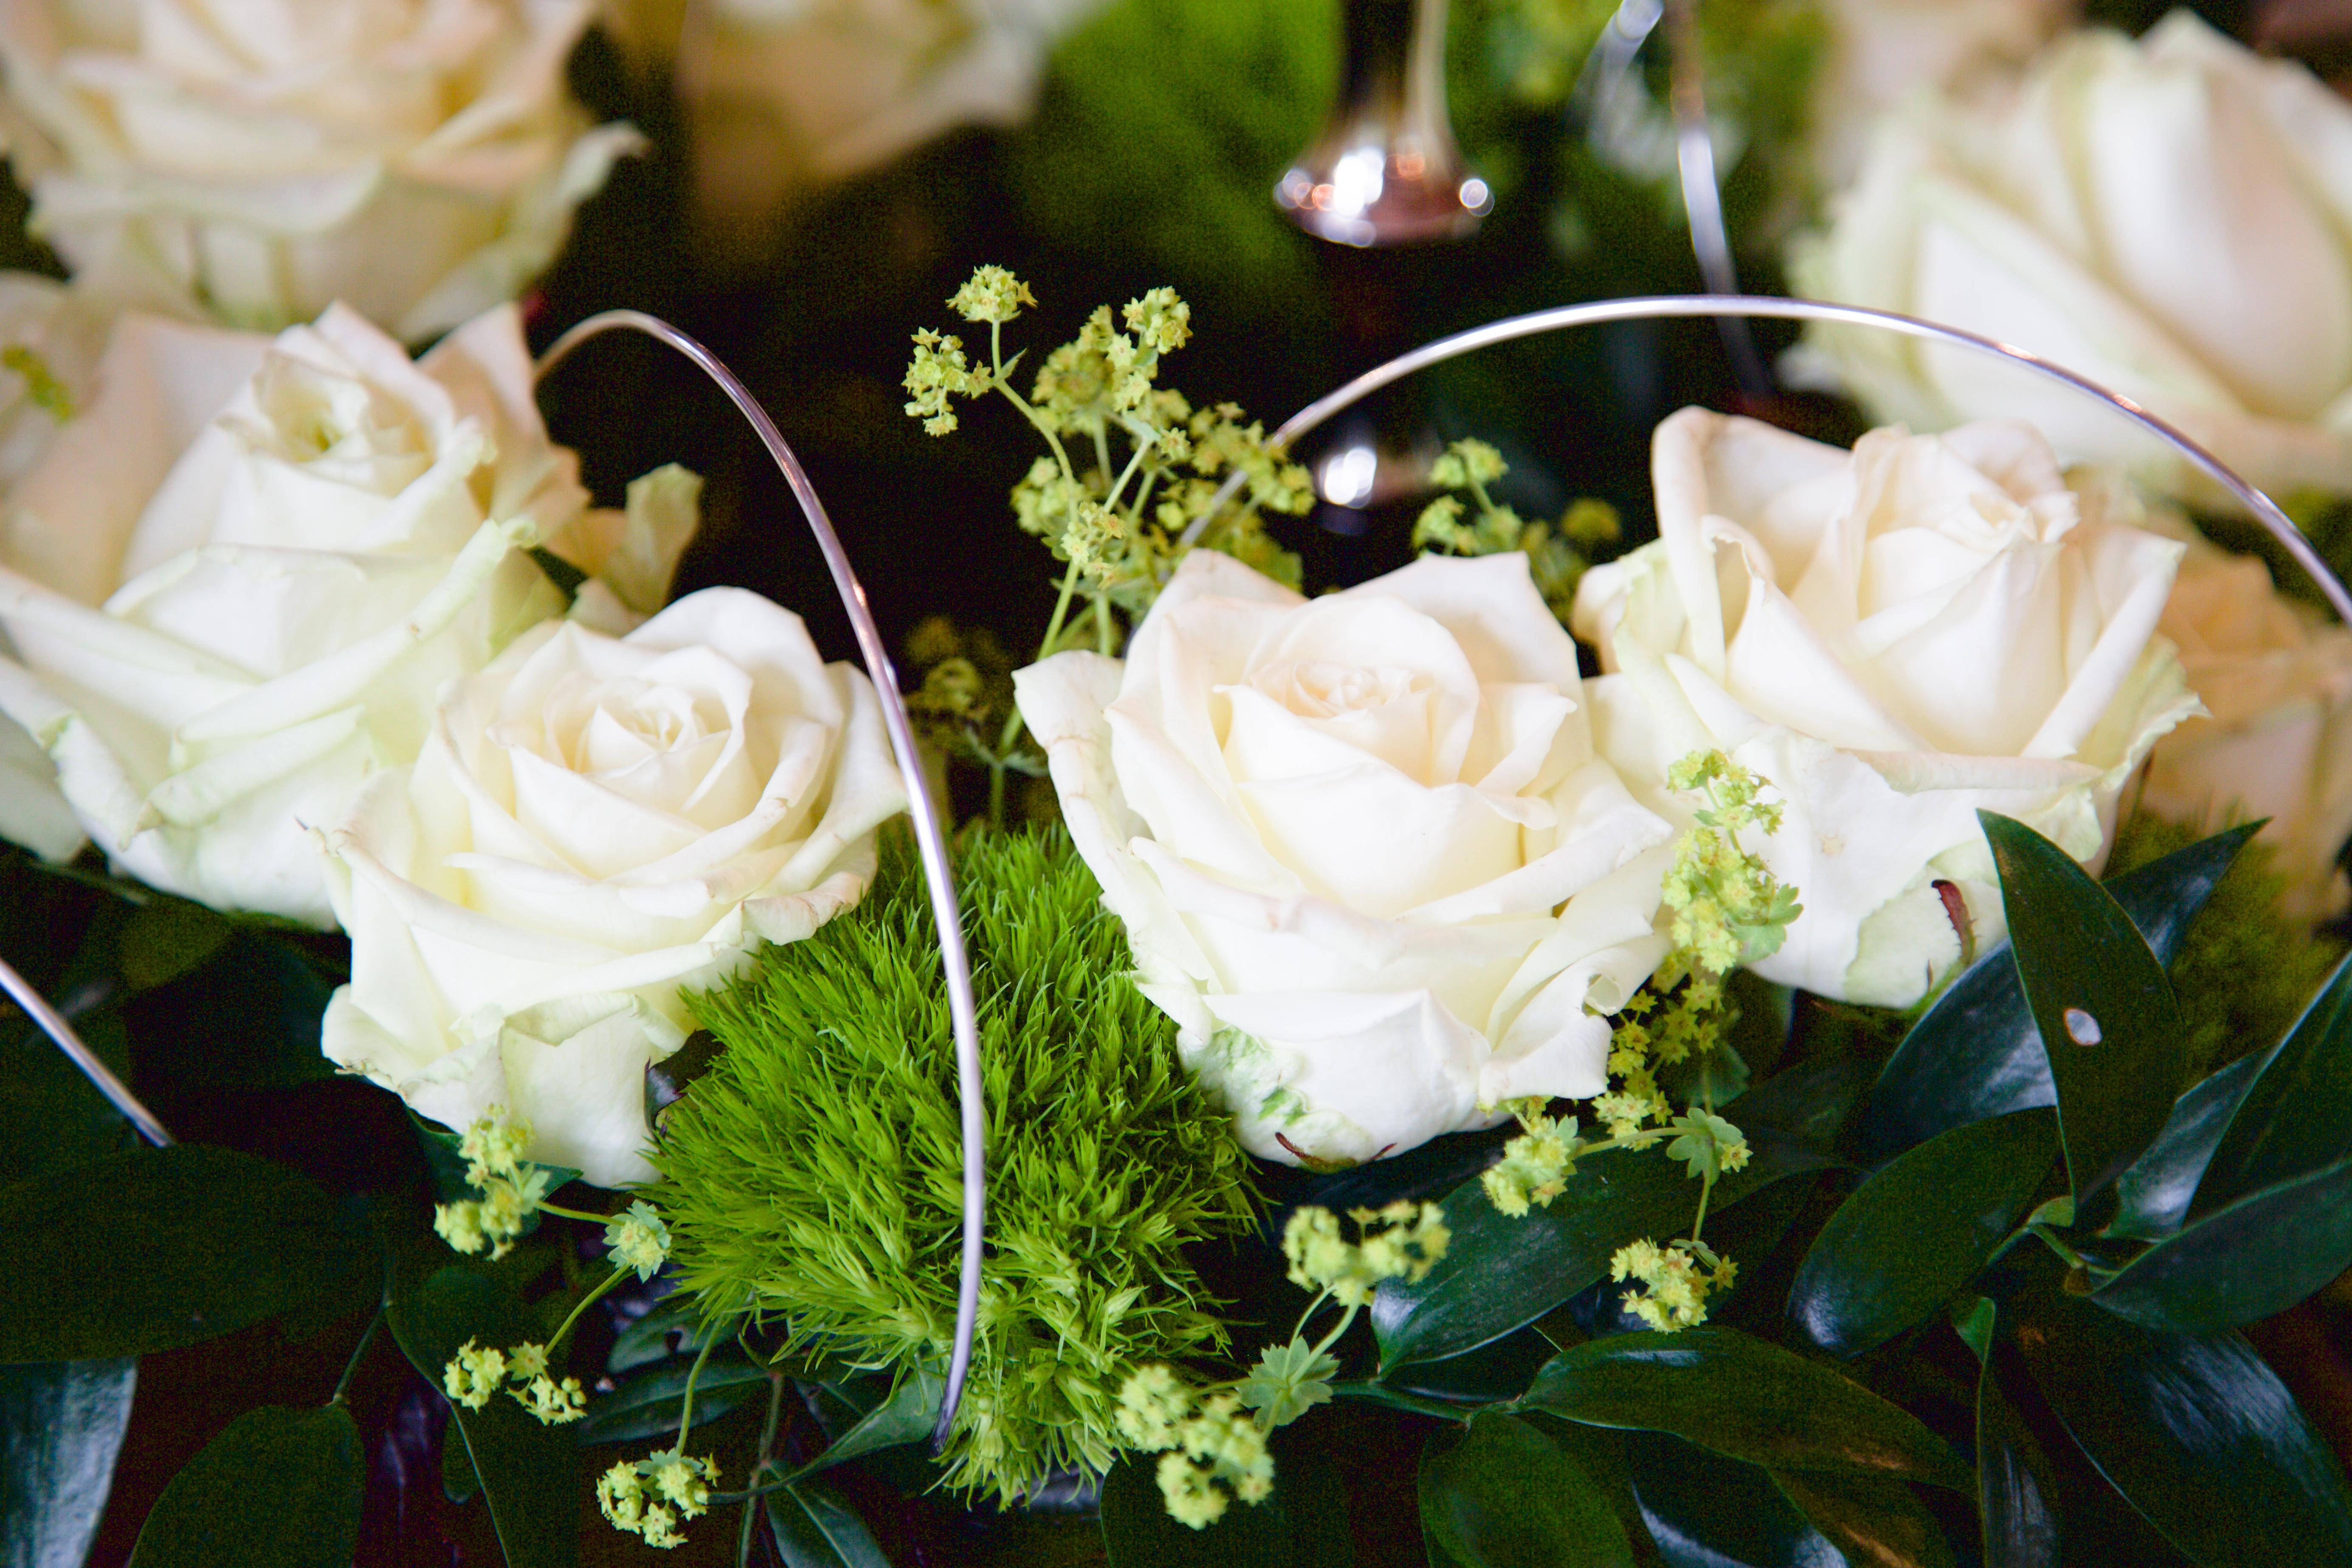 Blumenland Blumendekoration für Events & Veranstaltungen